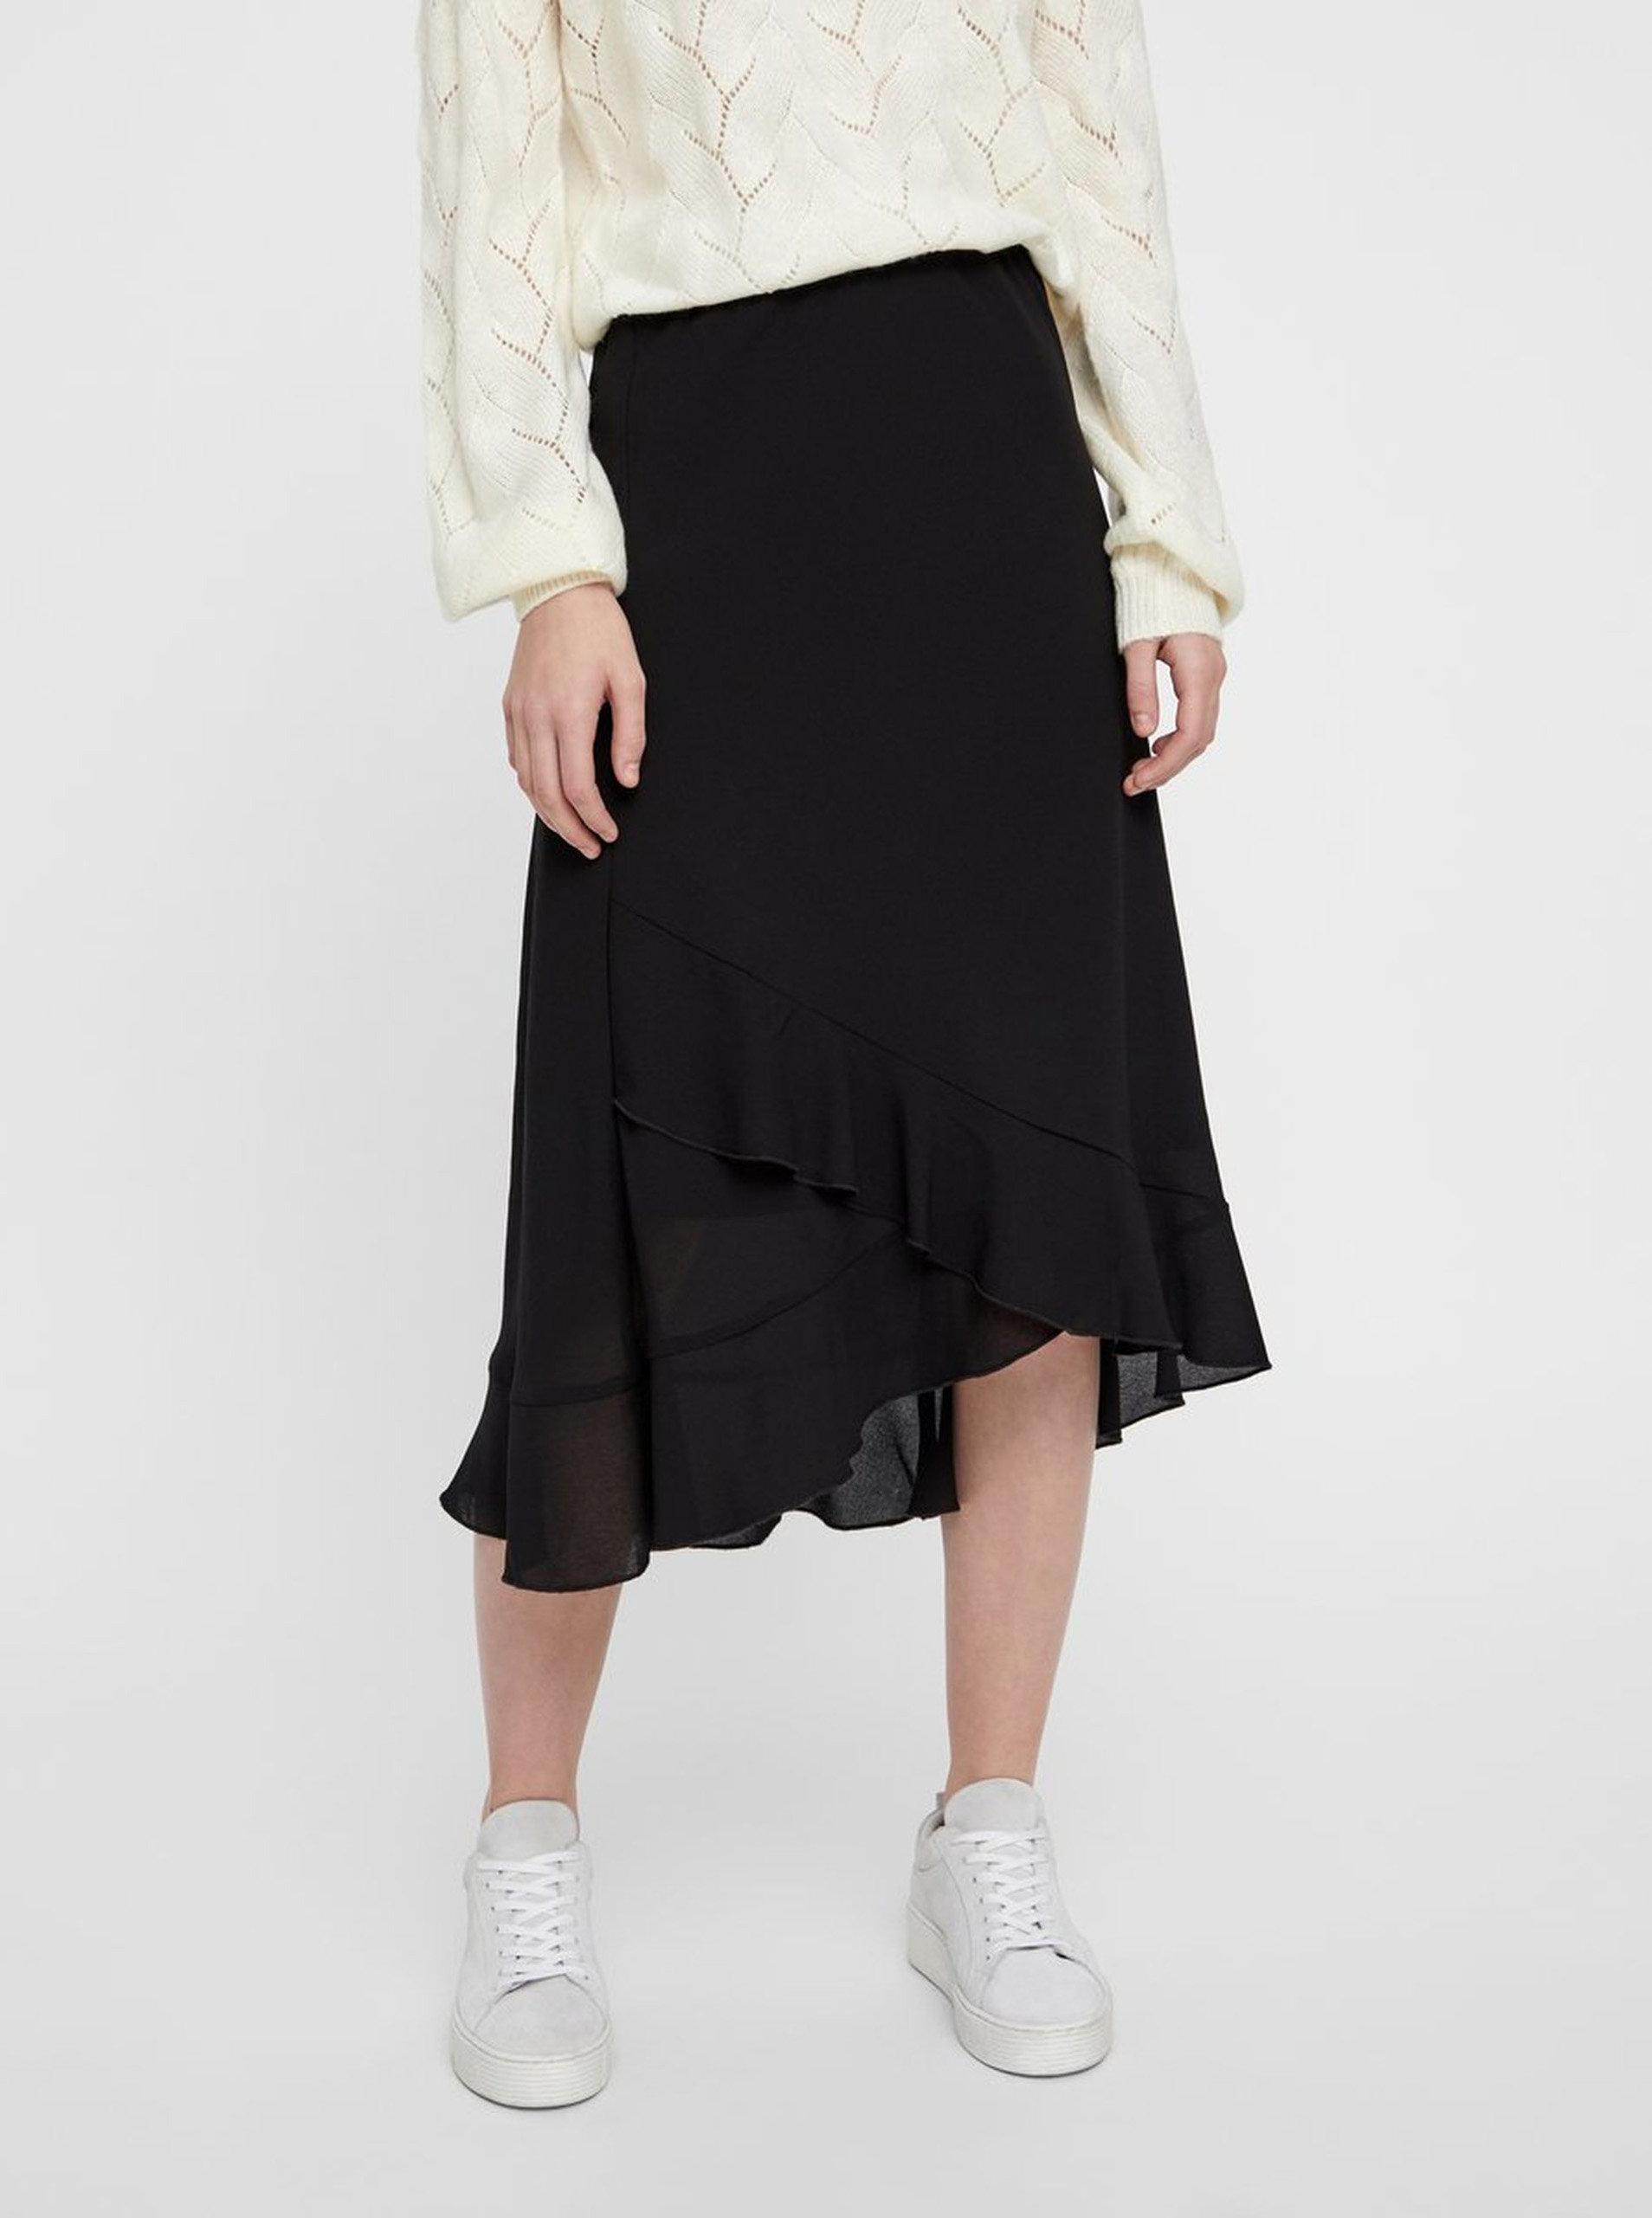 0f2c682bbfab Čierna sukňa s volánmi VERO MODA Valentina ...